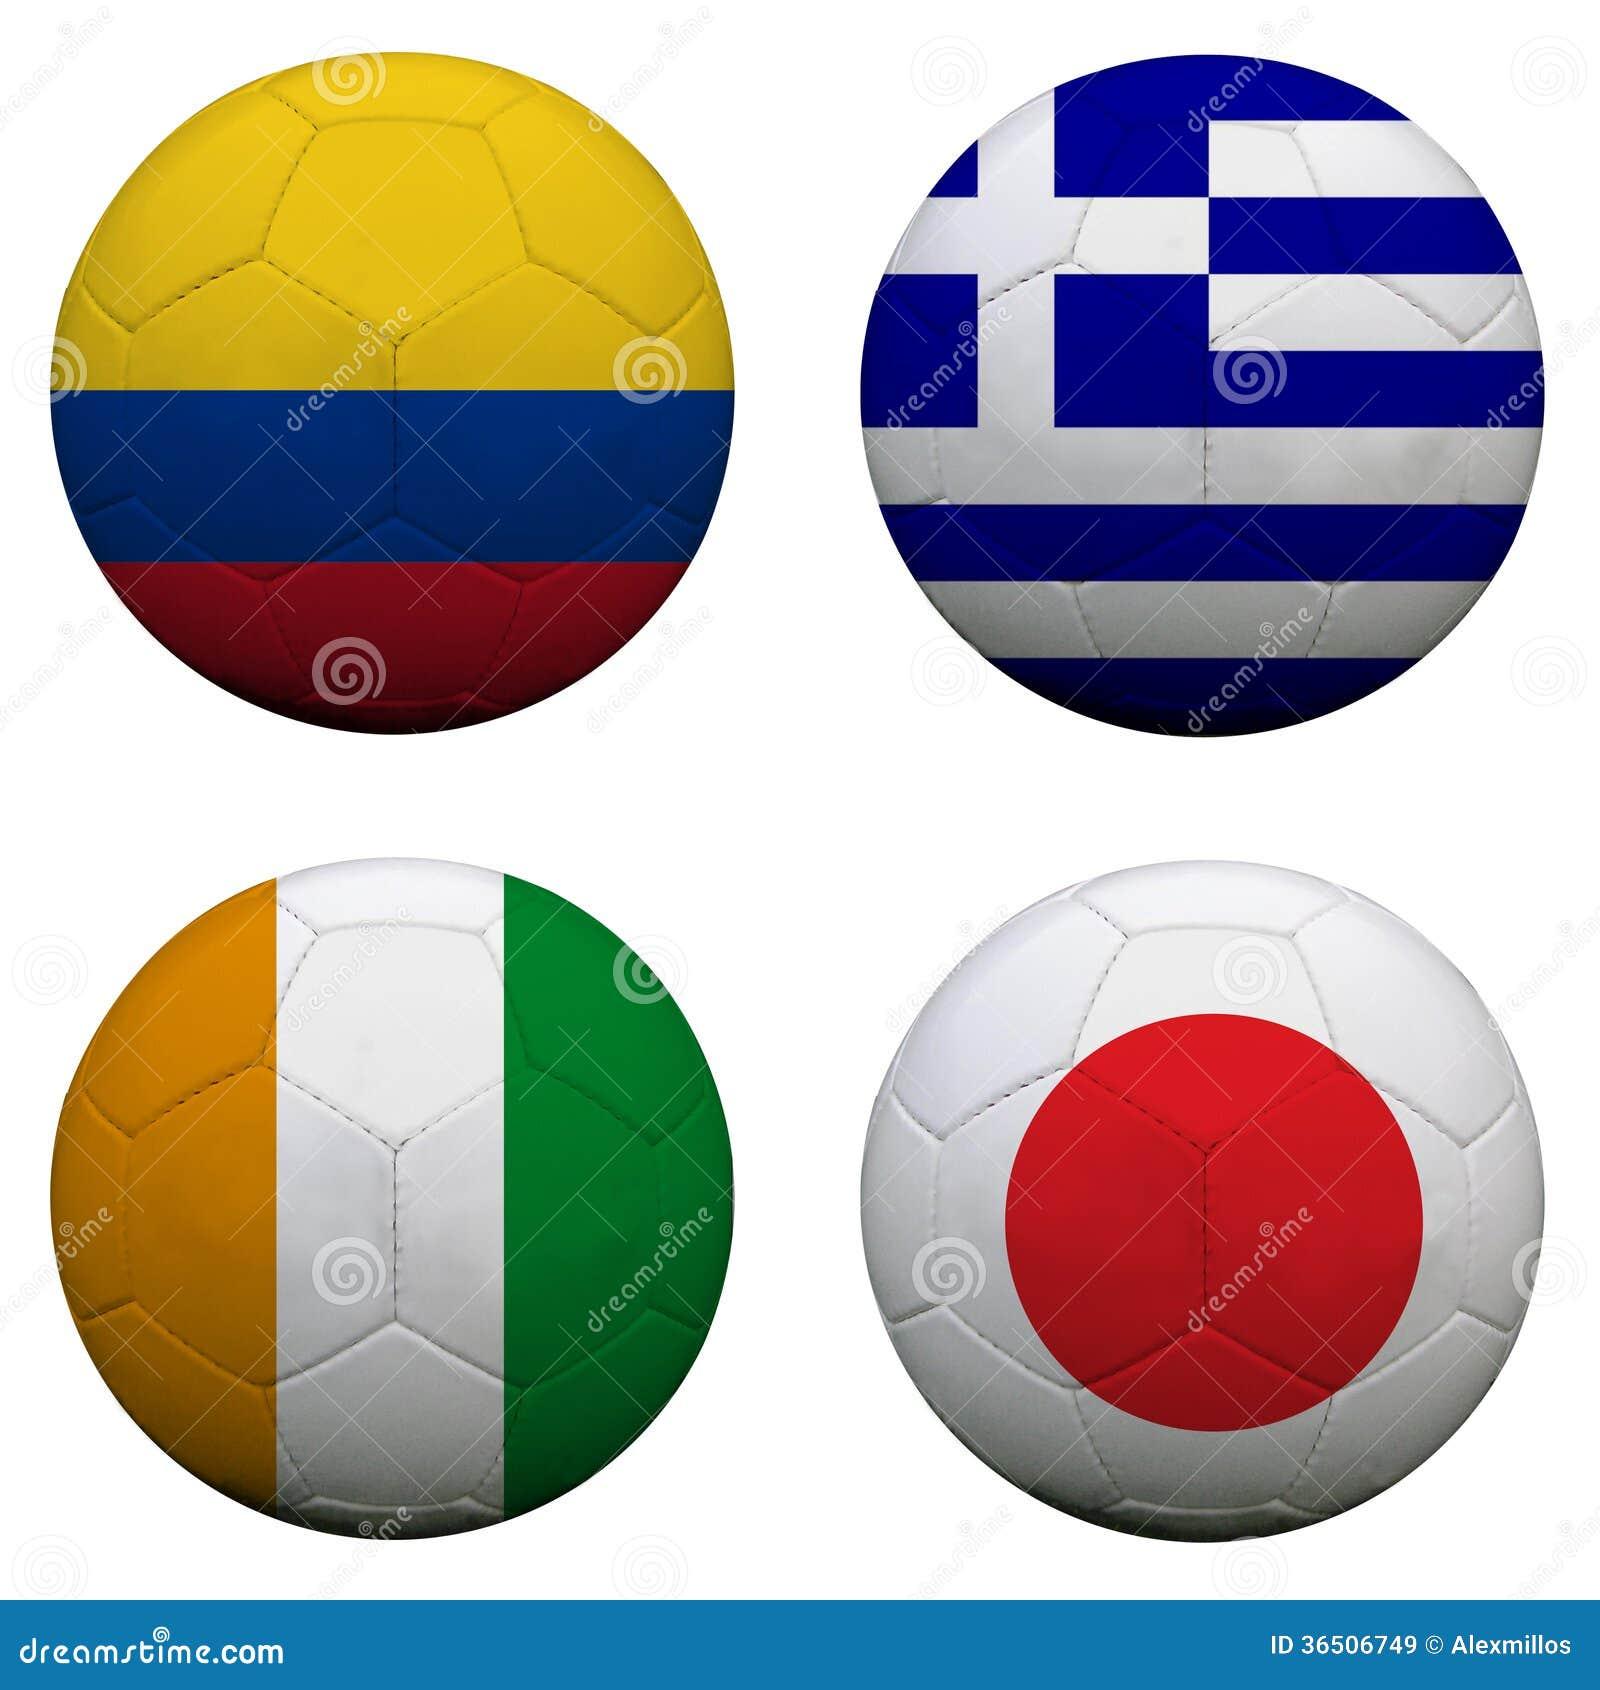 Ballons de football avec des équipes du groupe C